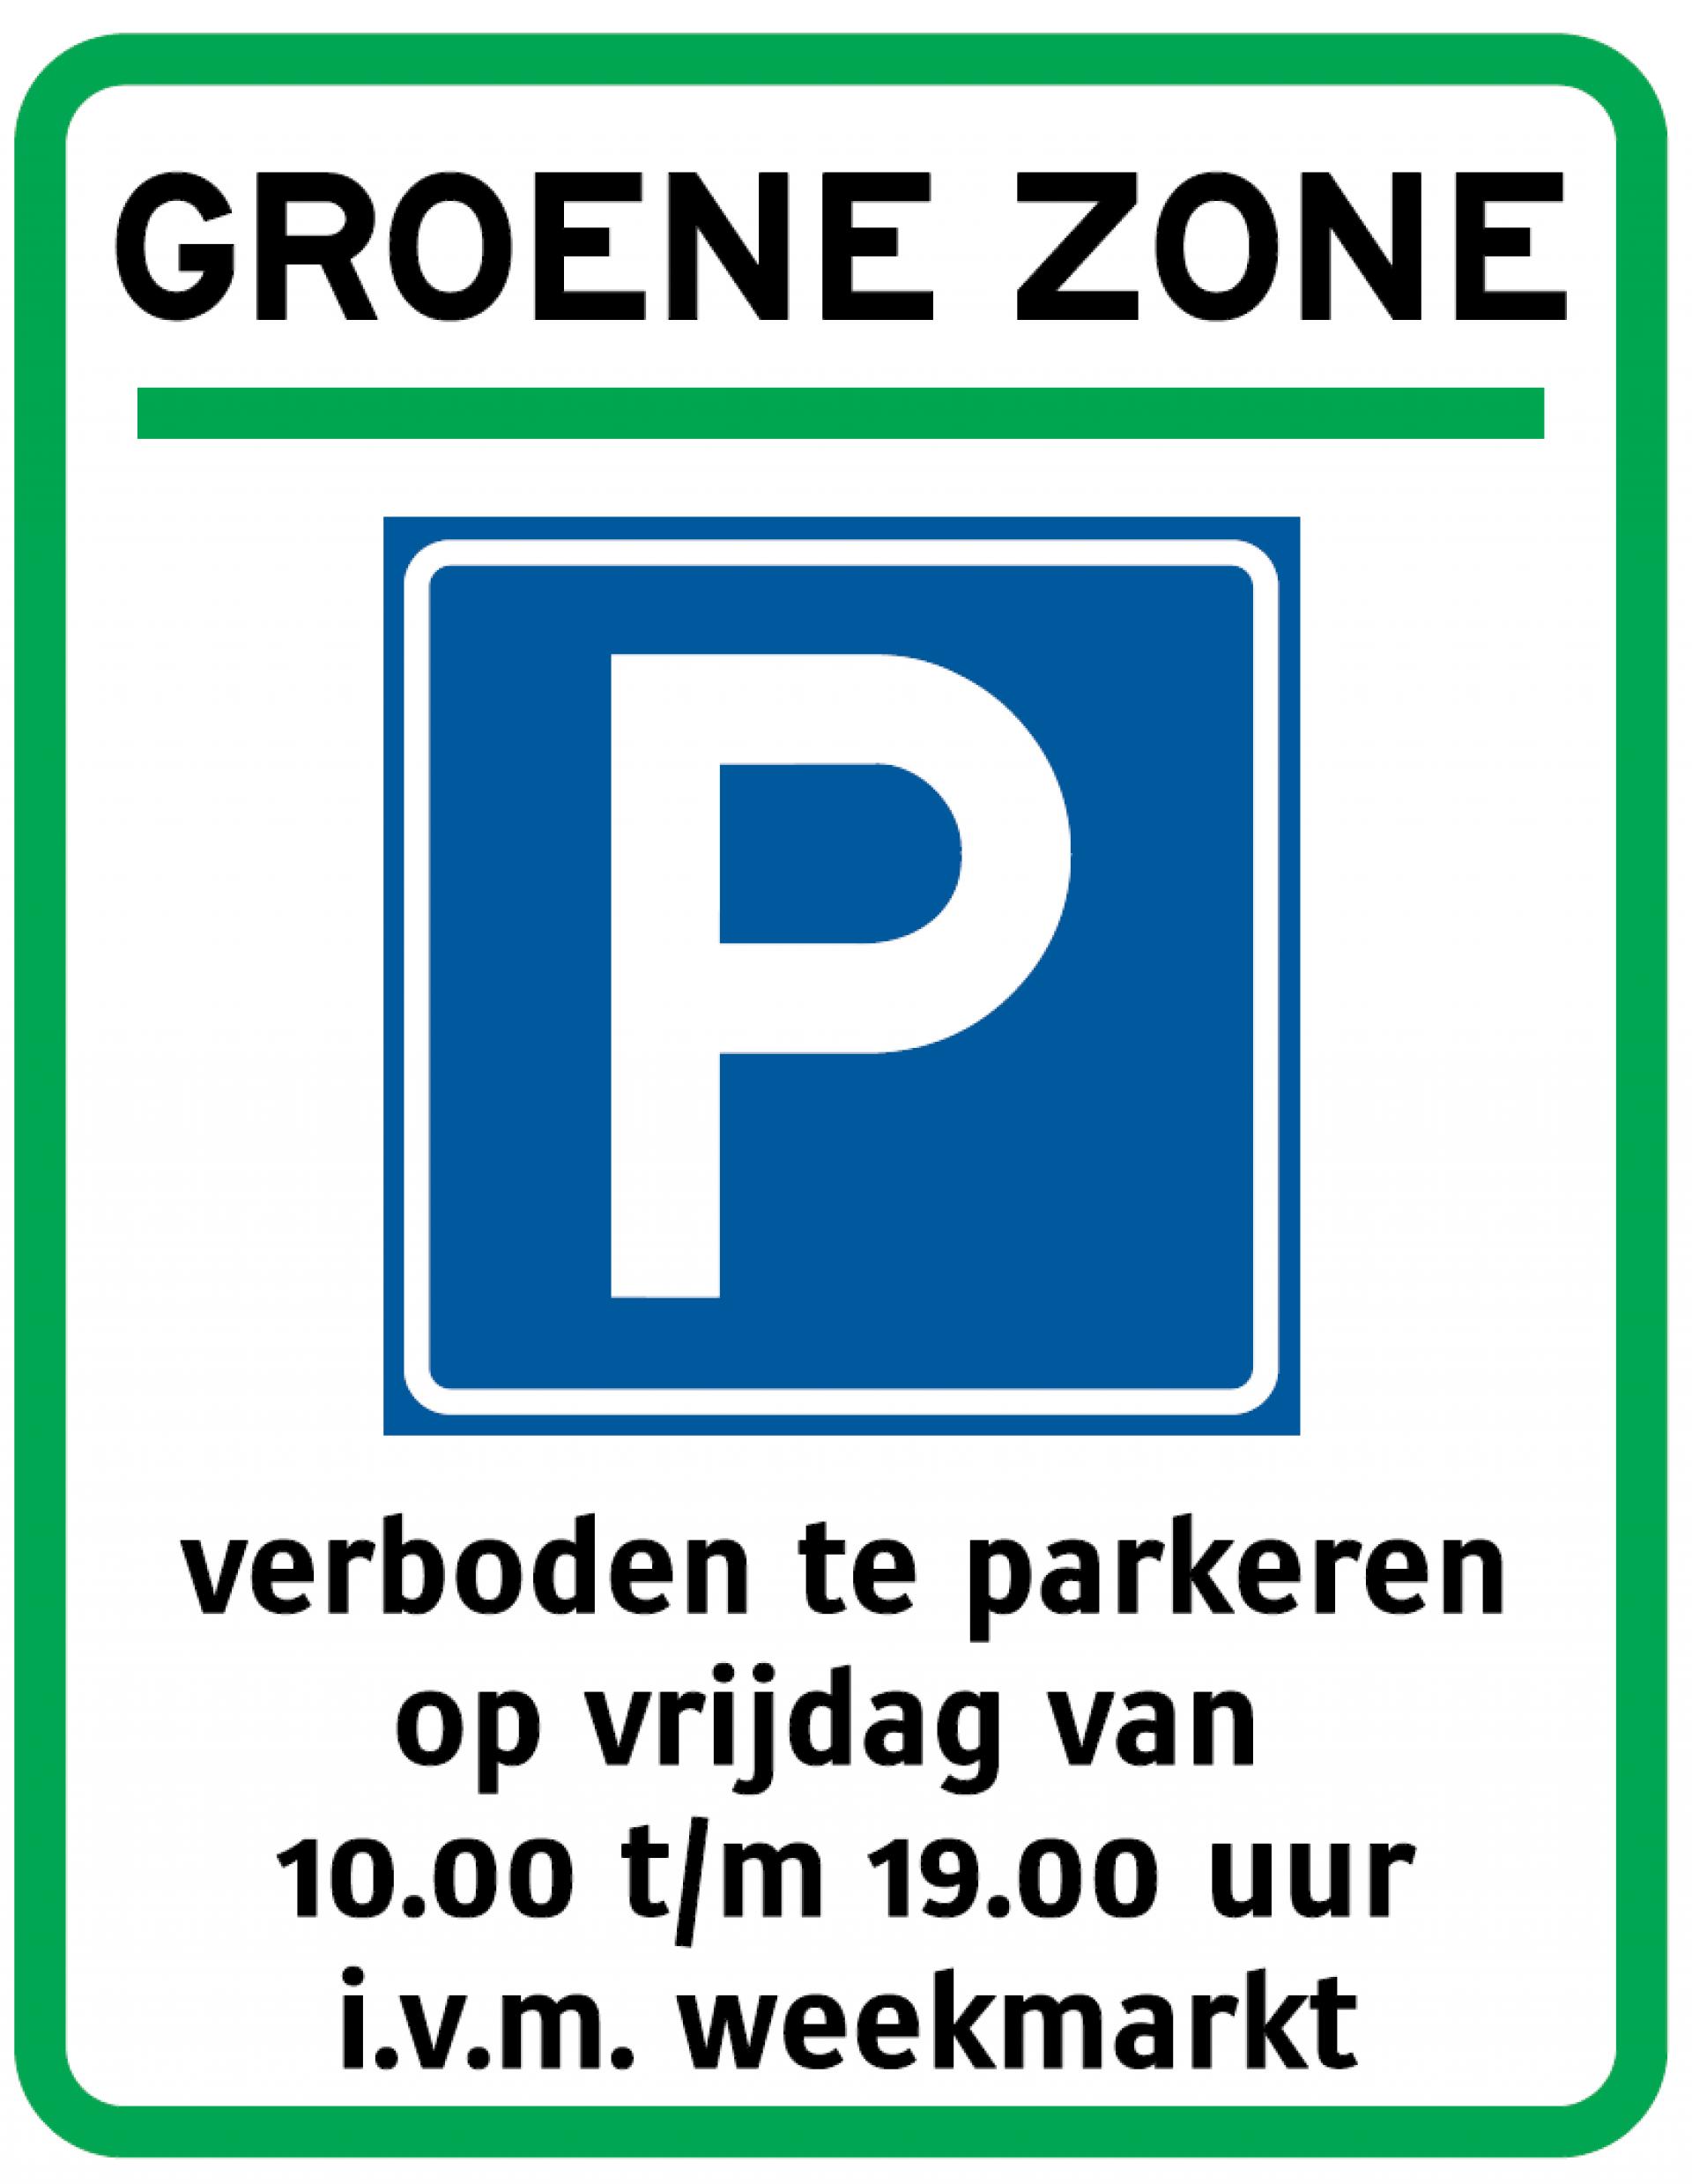 Ressingplein Delden wordt groene zone